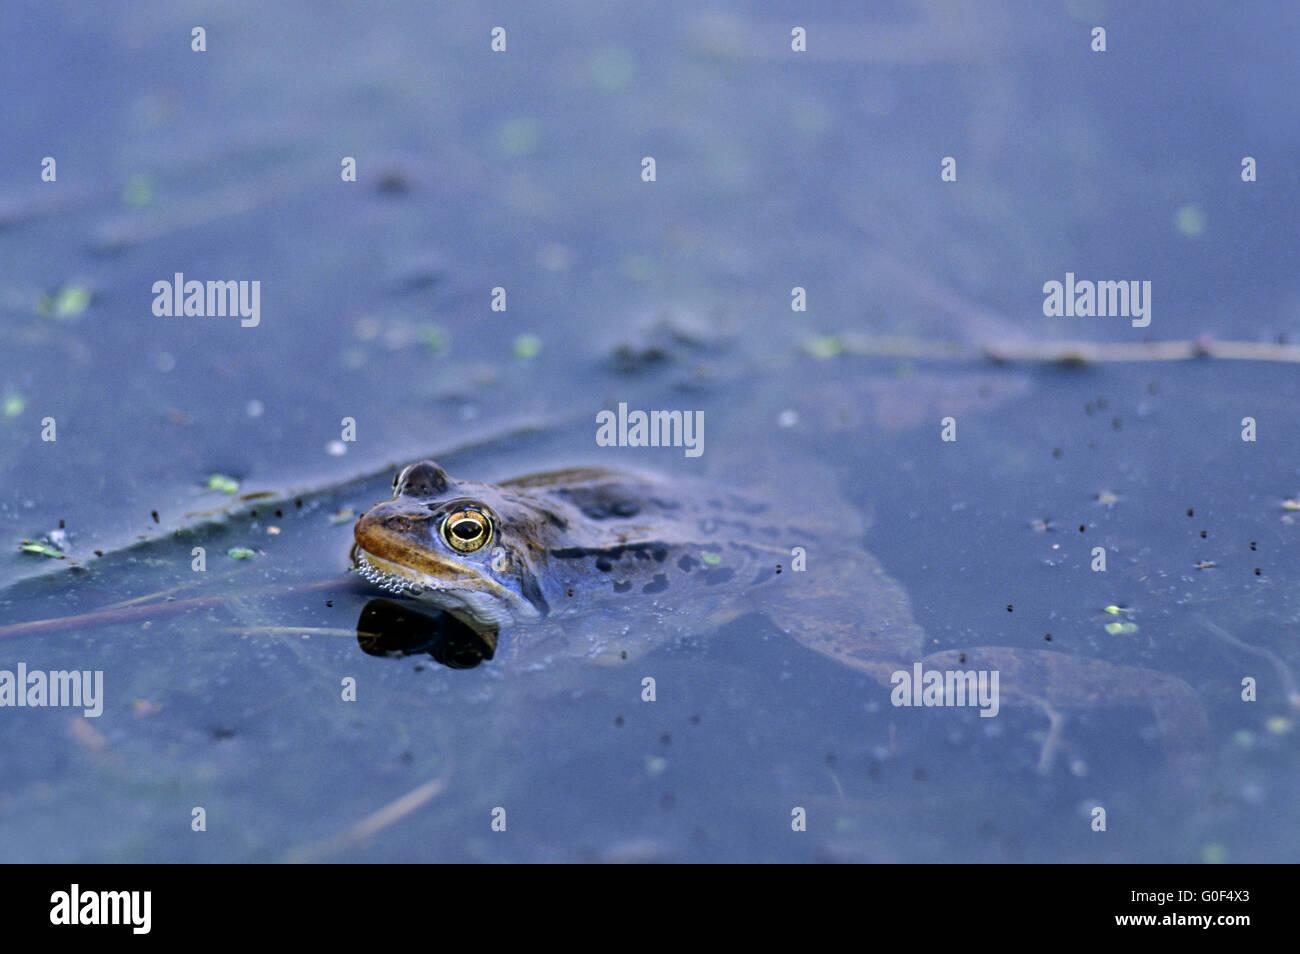 Moor-Frosch die Männchen entwickeln eine hell-blau-Färbung während ...